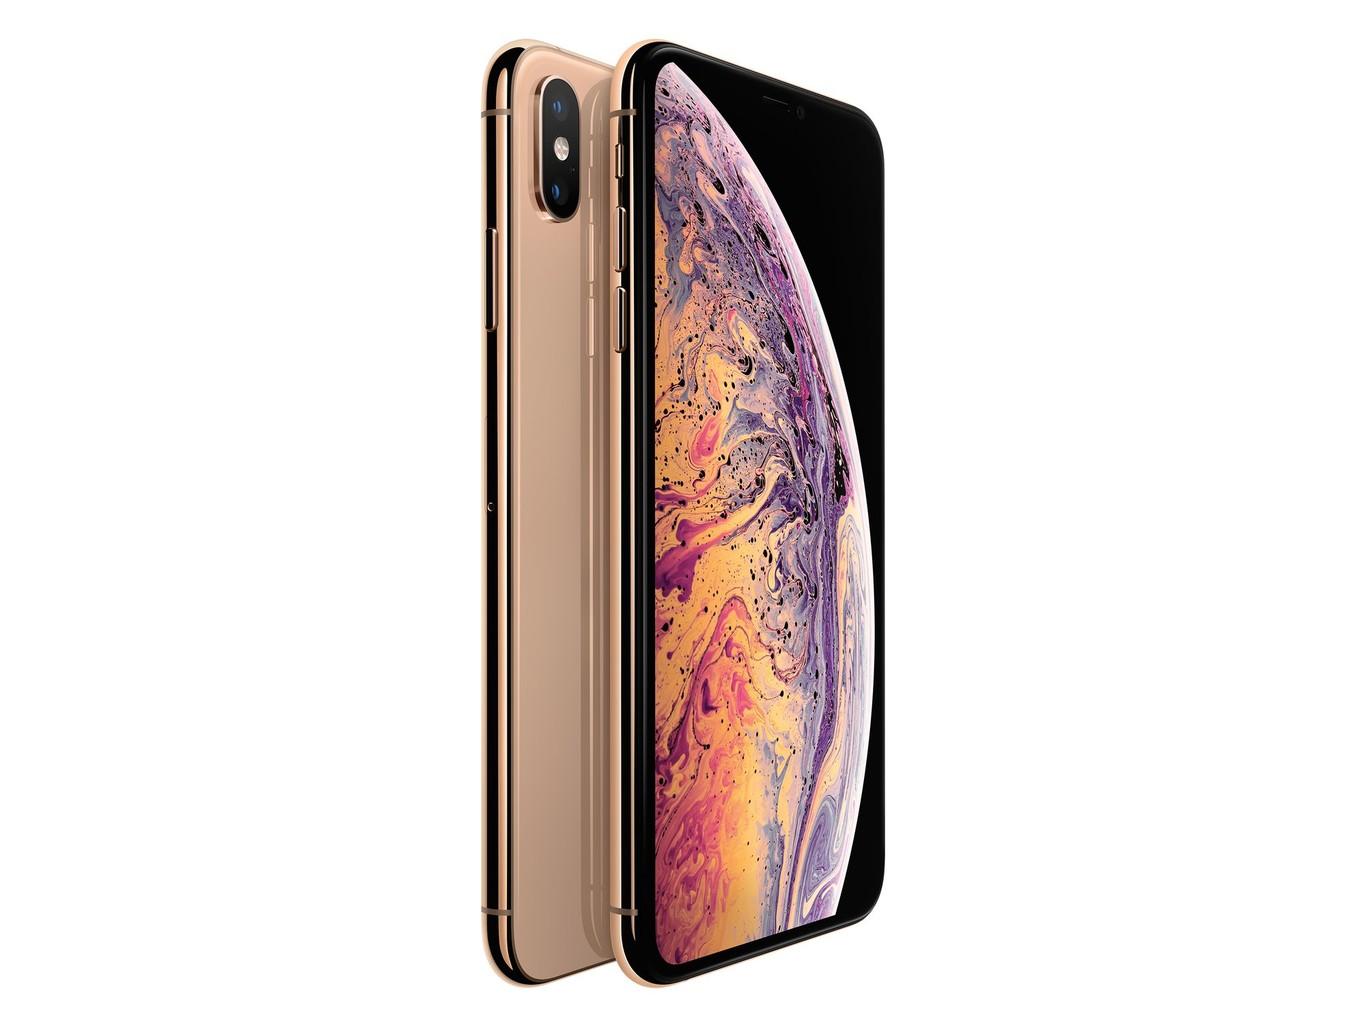 Si Apple lo necesita,todos los iPhone se podrían fabricar fuera de China, afirman en Foxconn